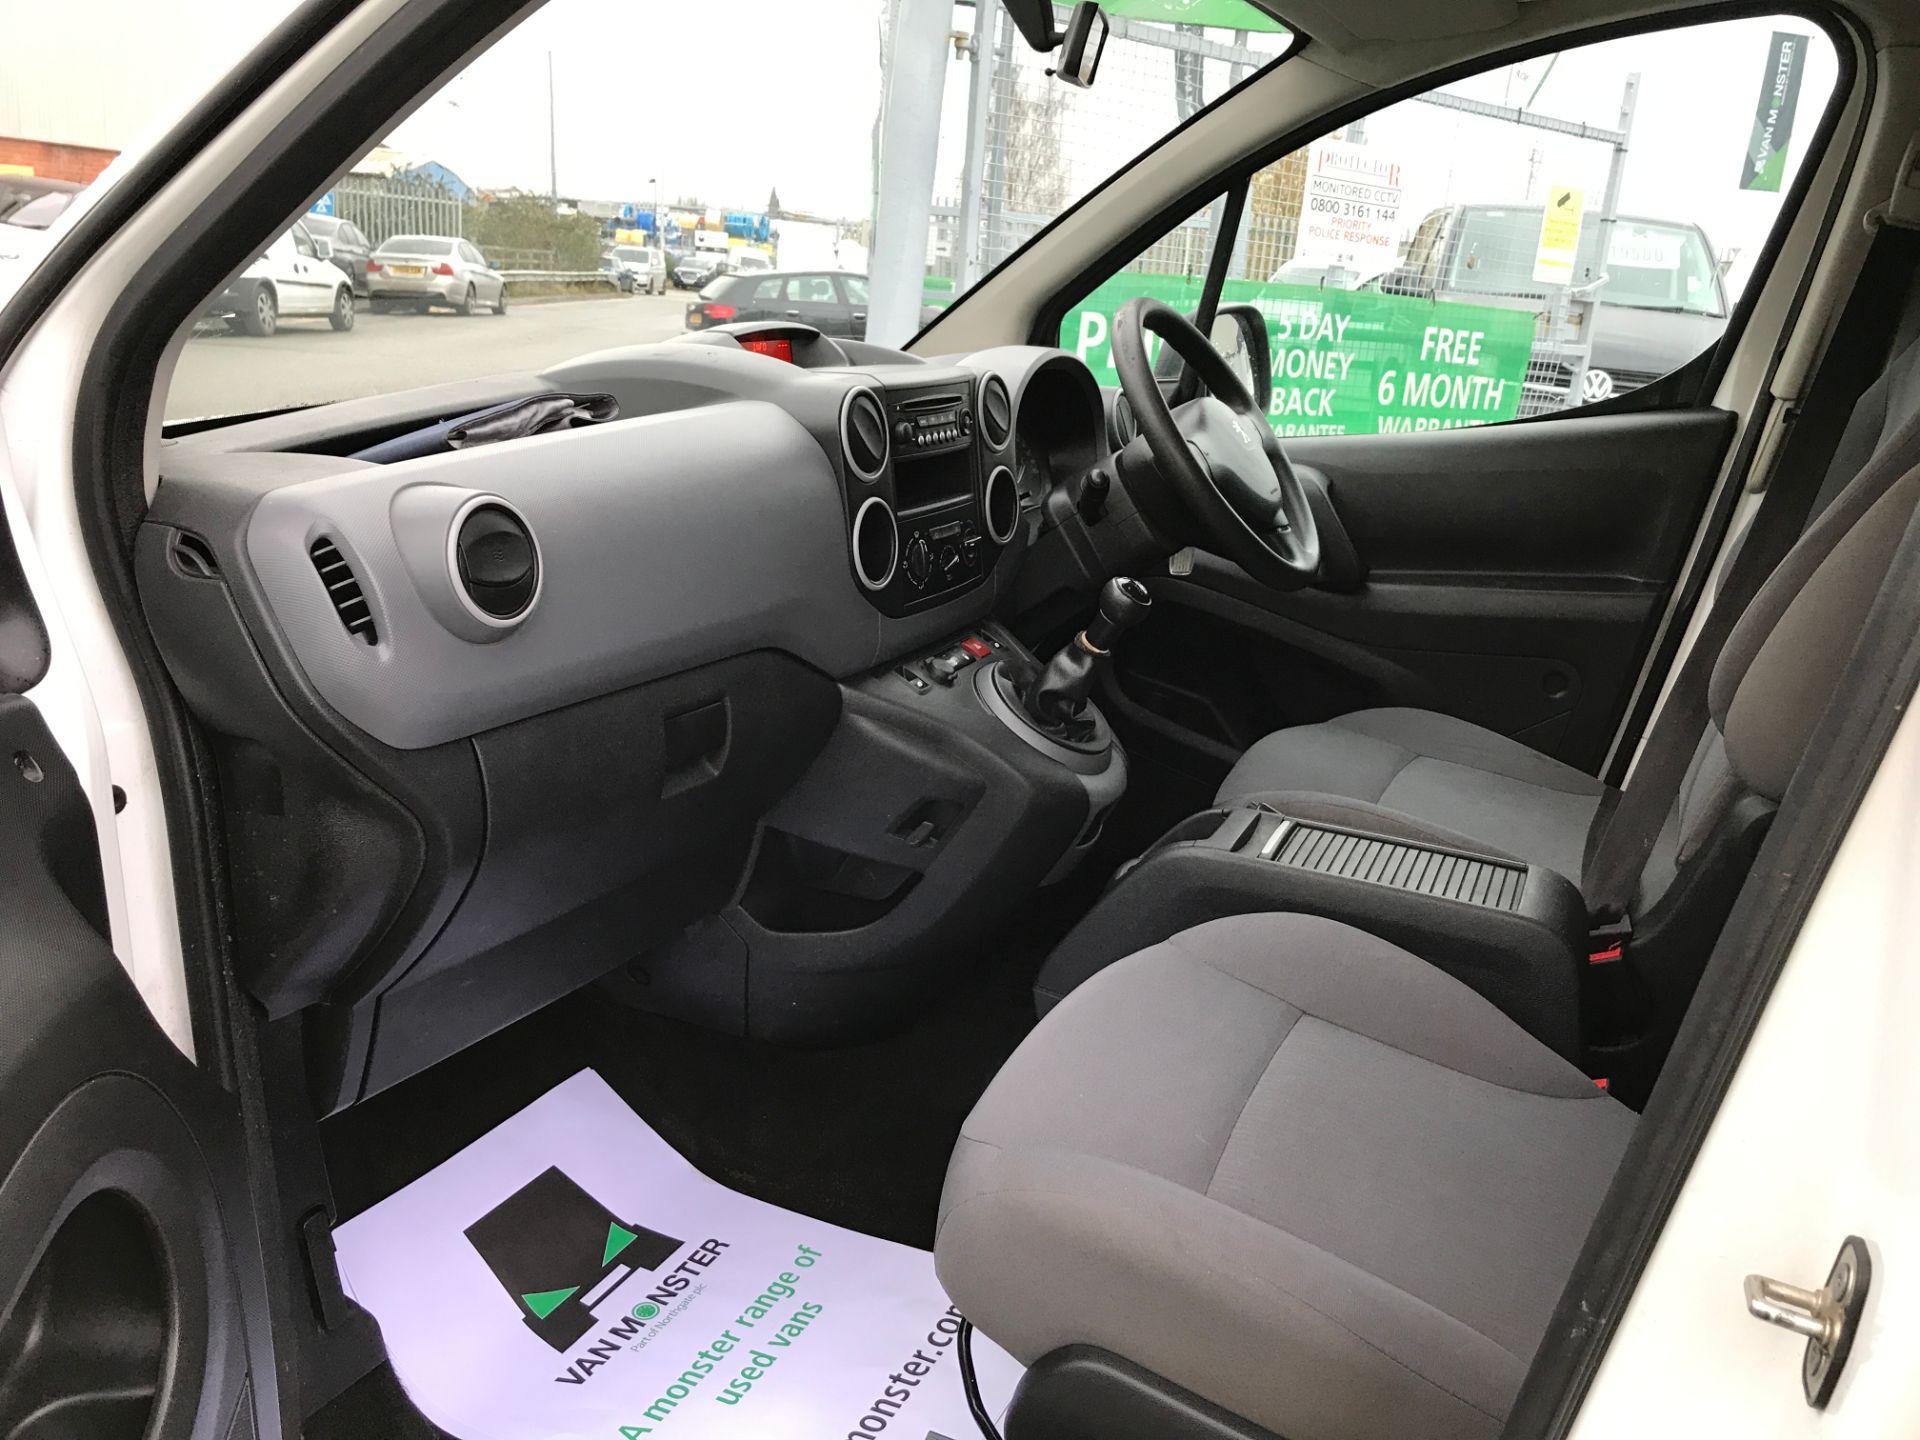 2016 Peugeot Partner 716 L2 S 1.6HDI 92PS CREW VAN EURO 5 (NV65RKN) Image 12